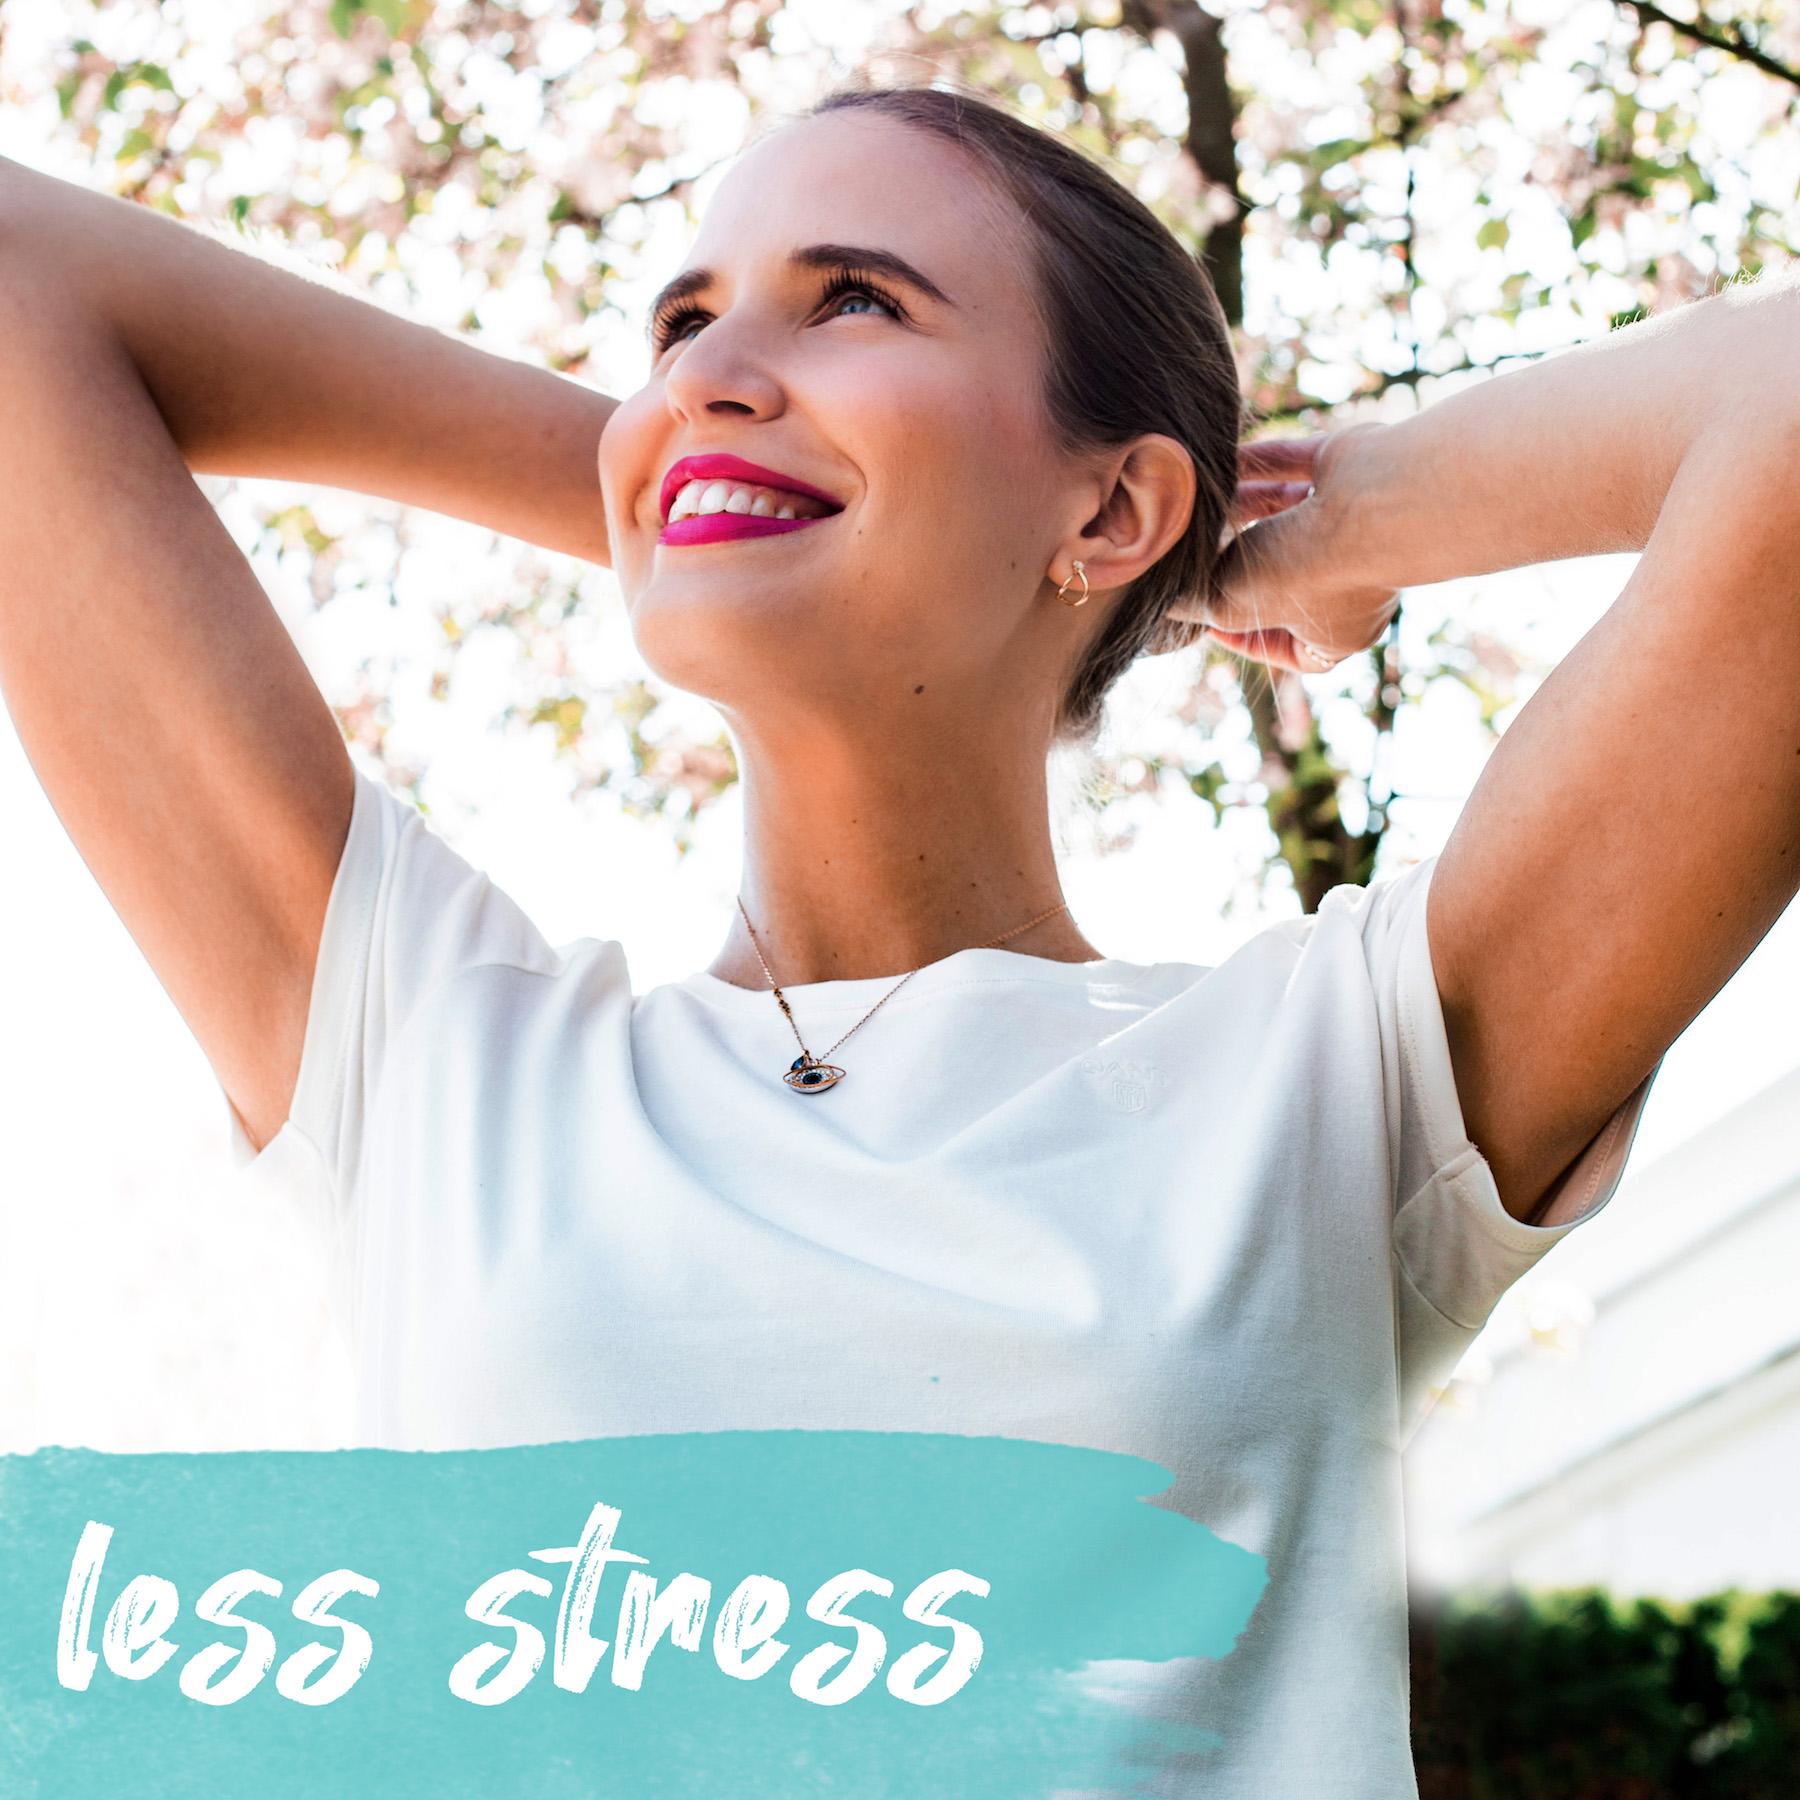 less stress Stressmanagement Online-Seminar suelovesnyc_susan_fengler_less_stress_stressmanagement_online_seminar